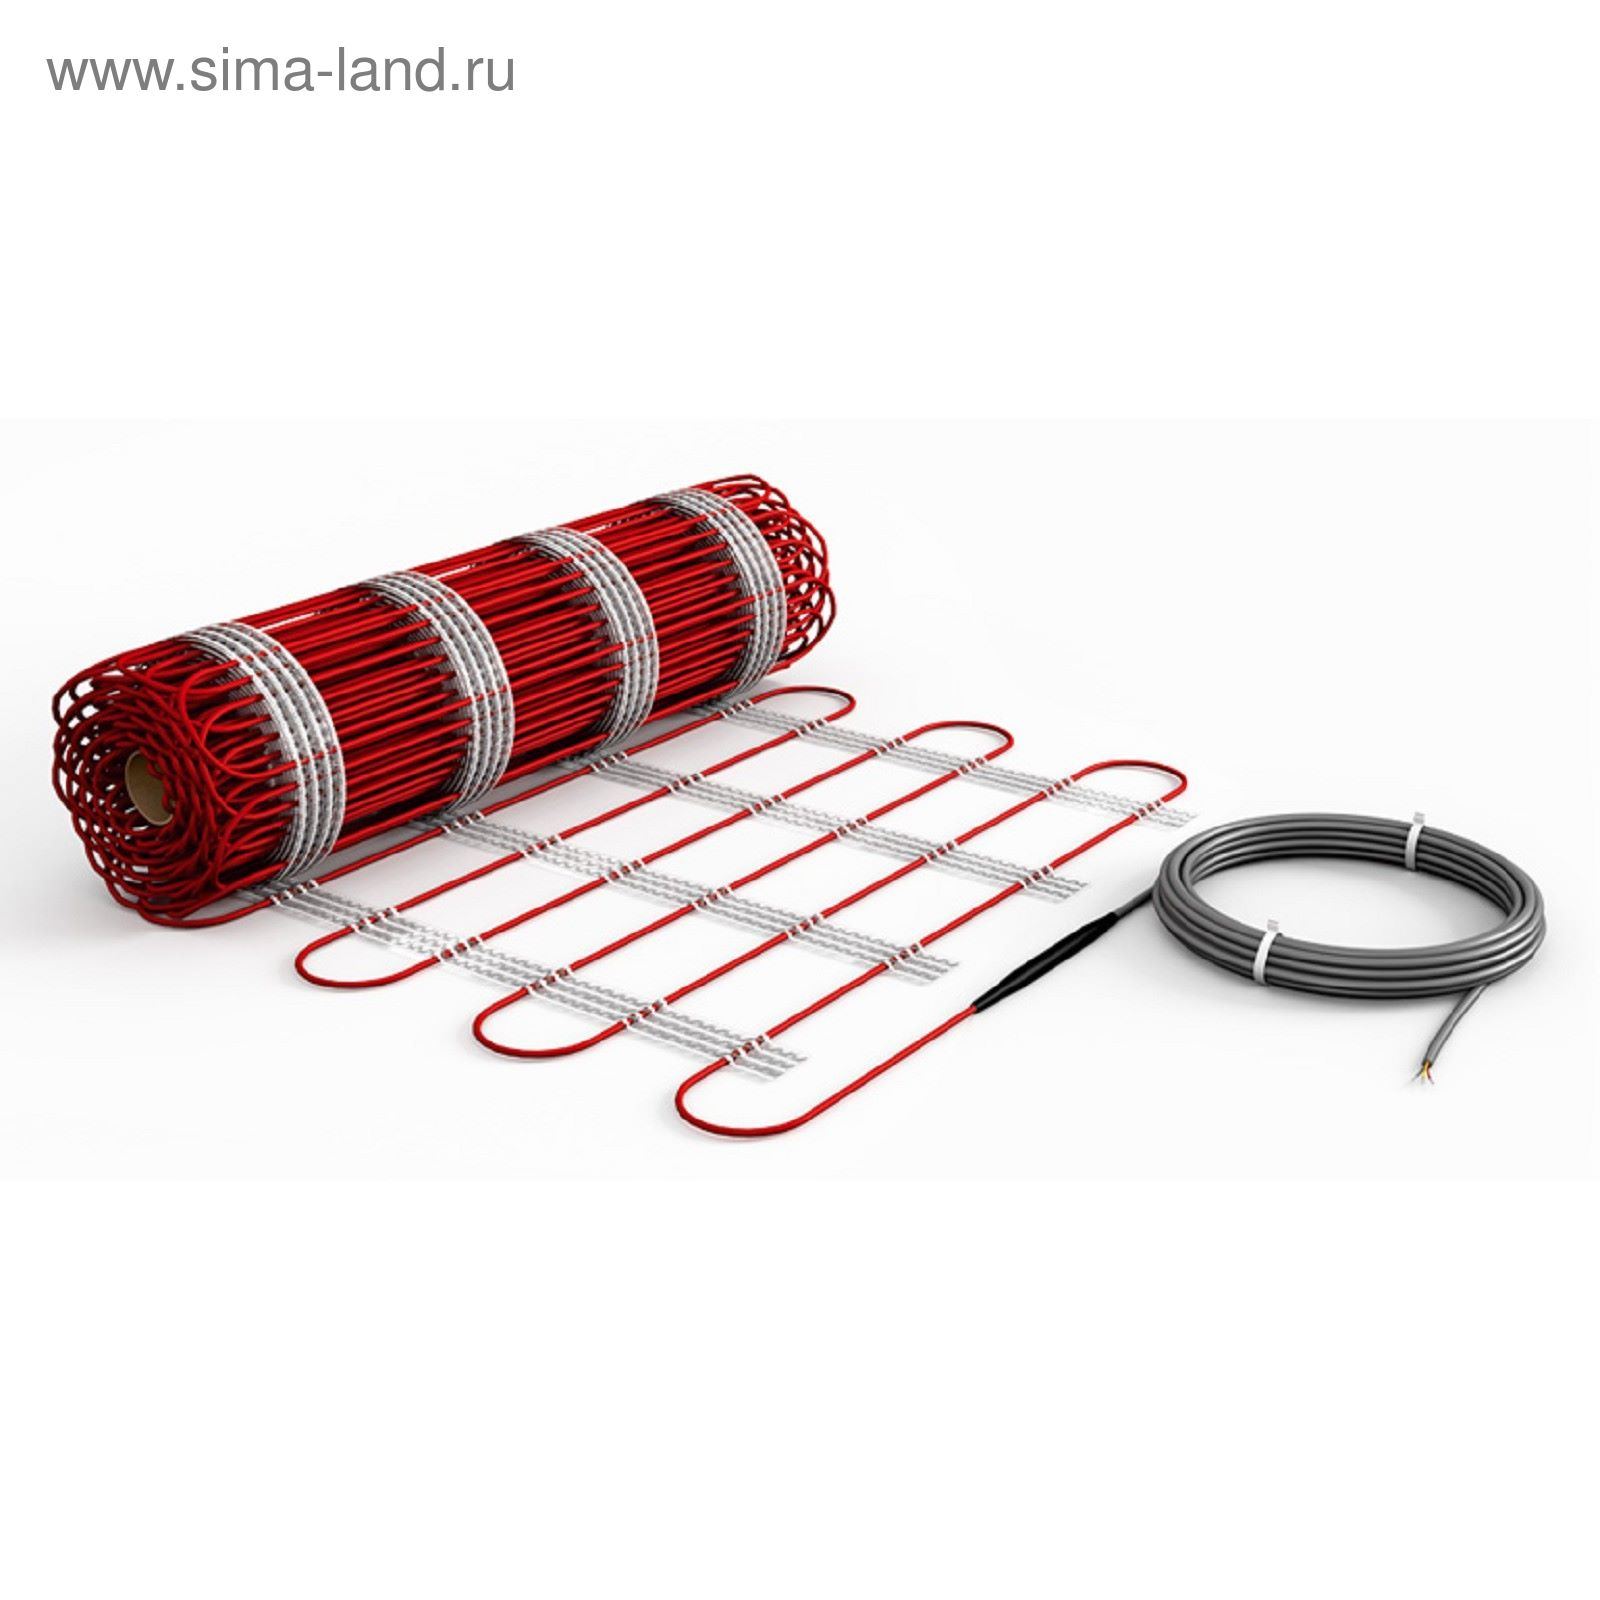 Теплые полы электрические недорого. Купить электрический обогрев дешево в интернет-магазине doss-stroy.ru